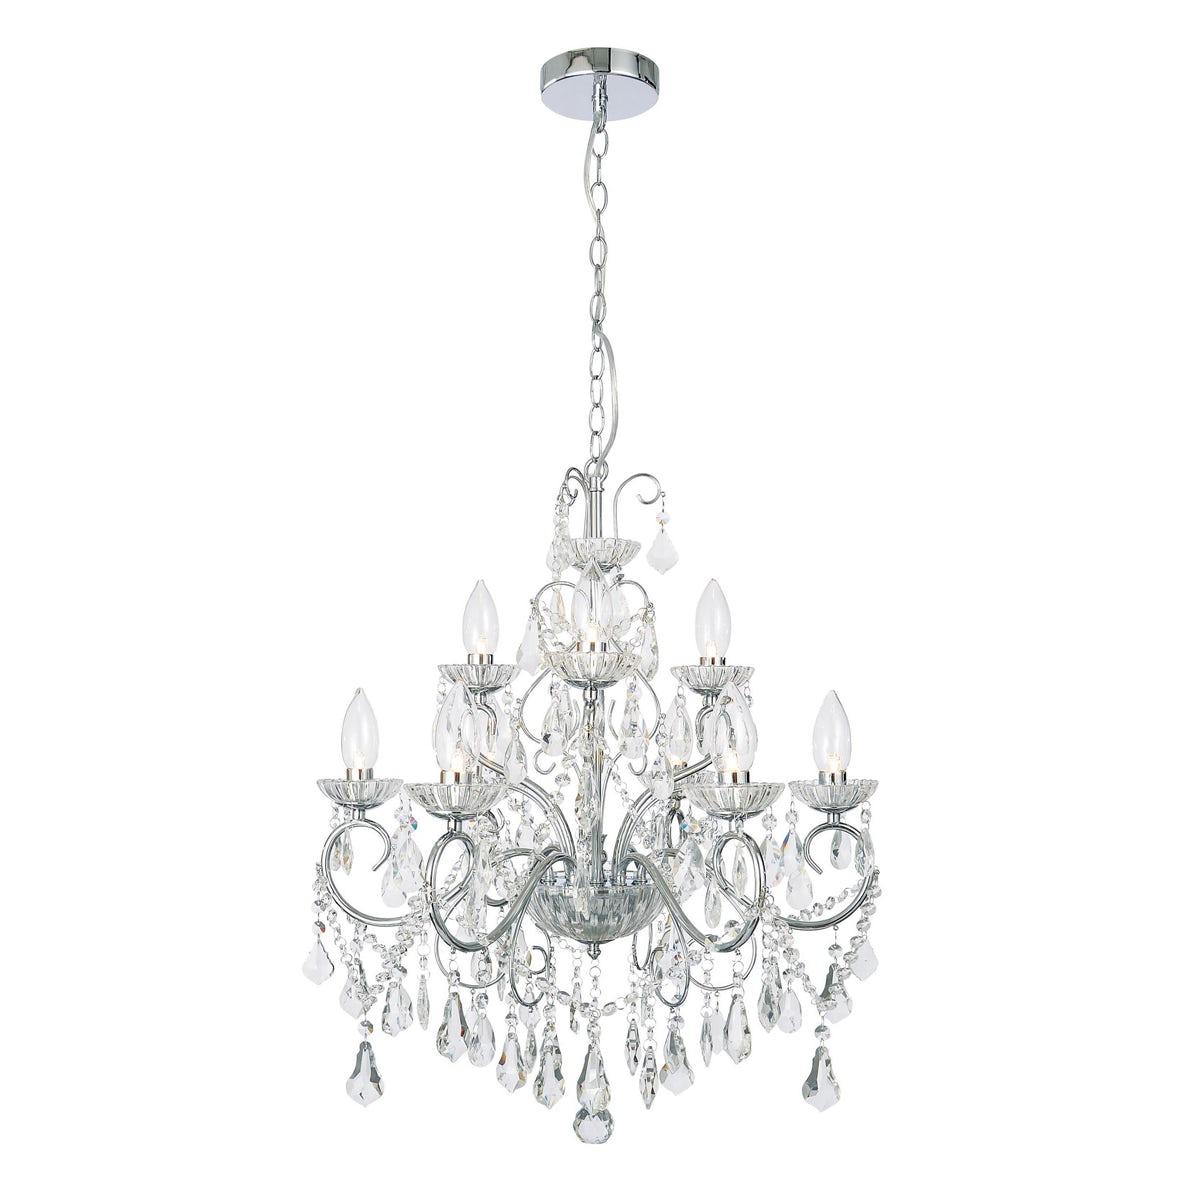 Forum Solen 9 light bathroom chandelier